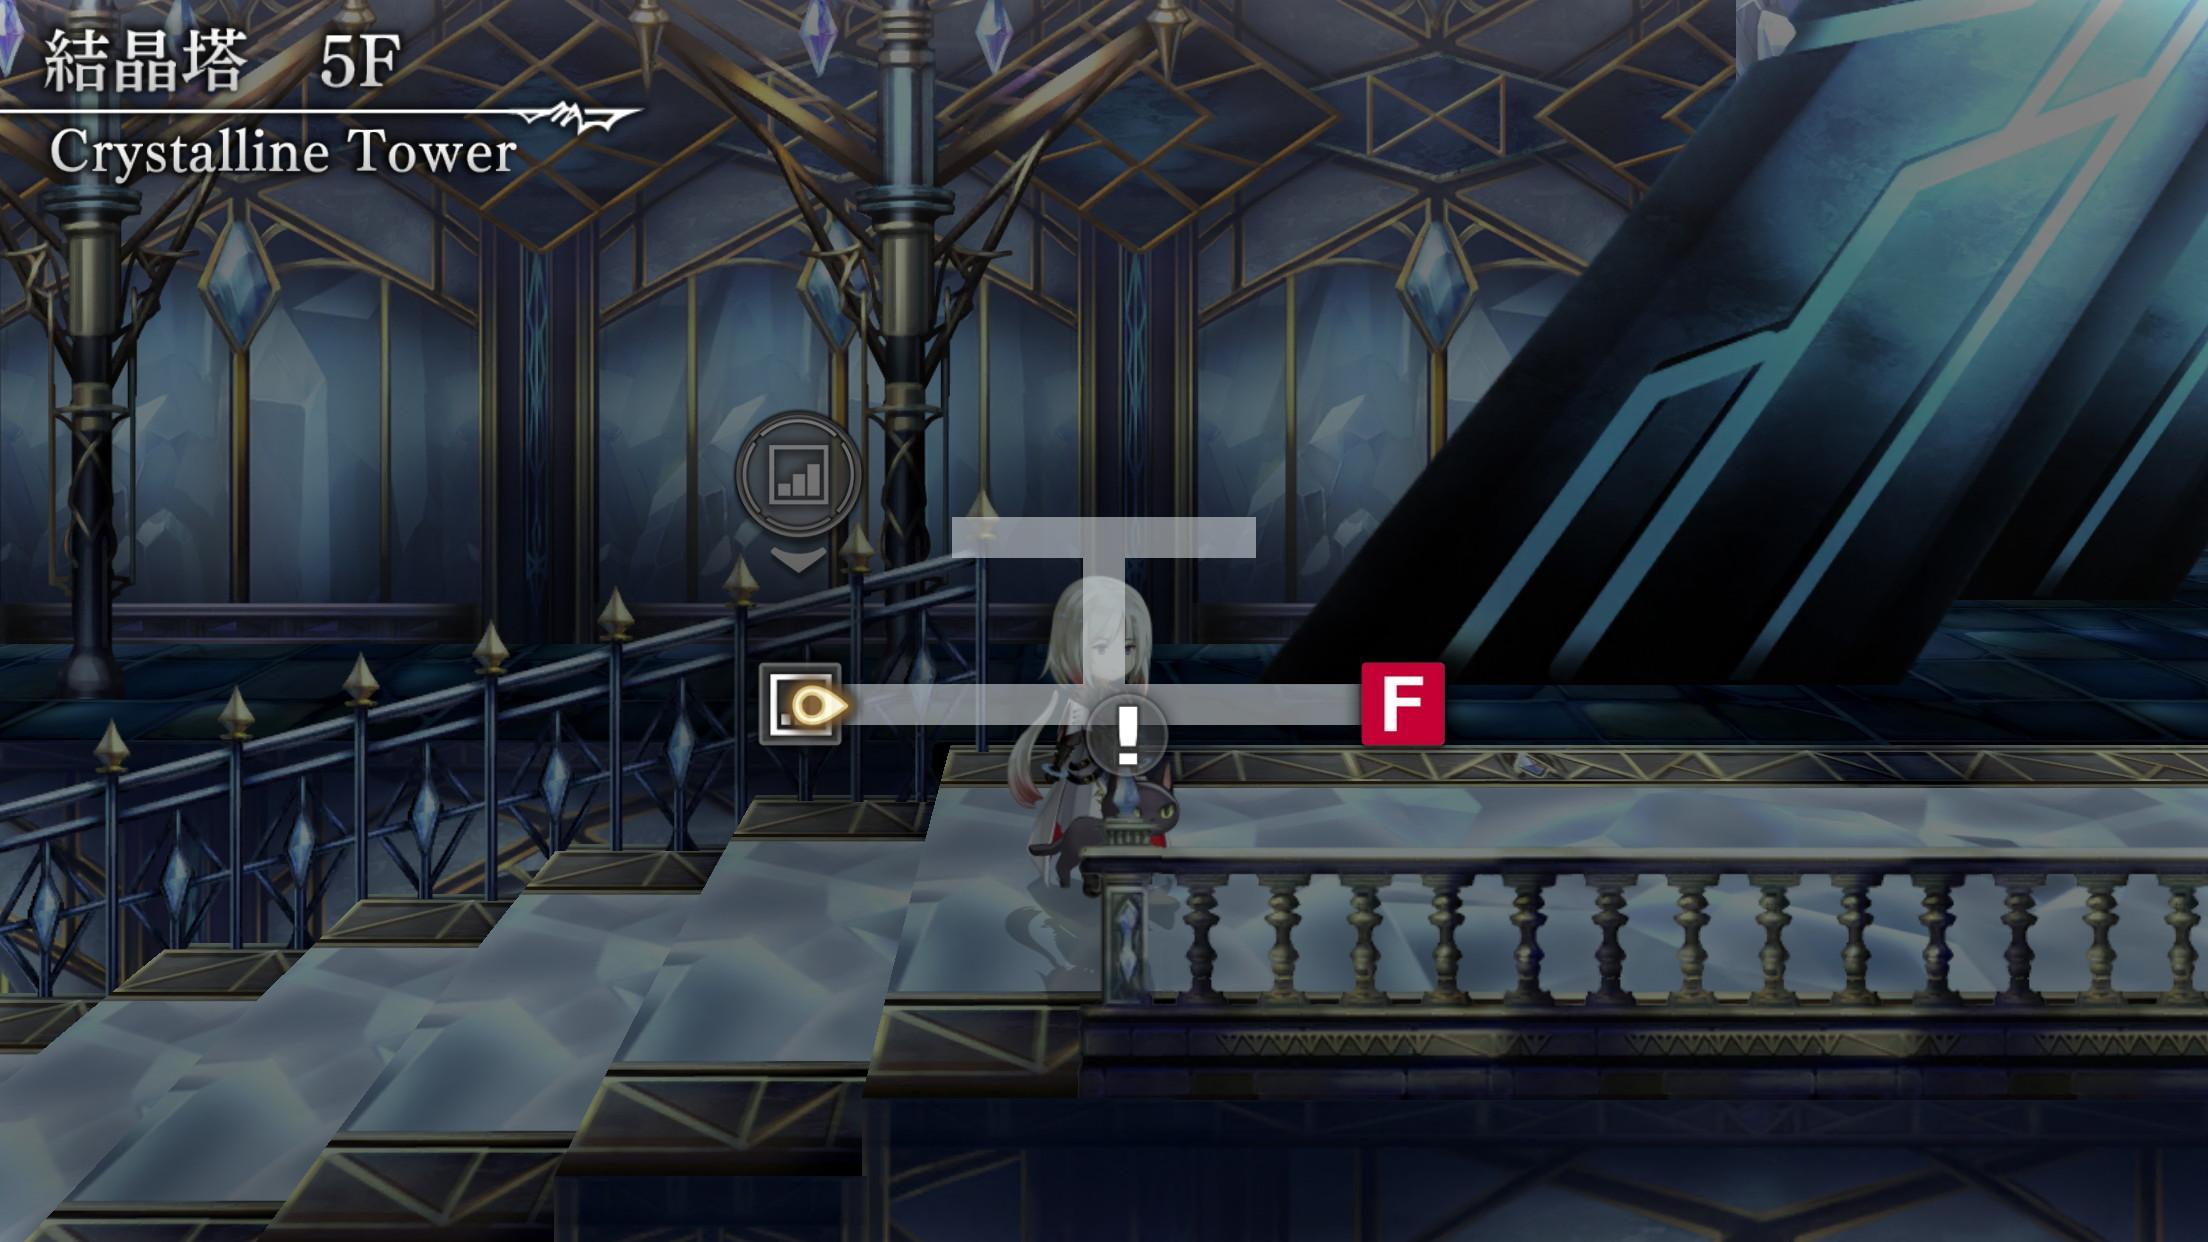 結晶塔ストーリー11